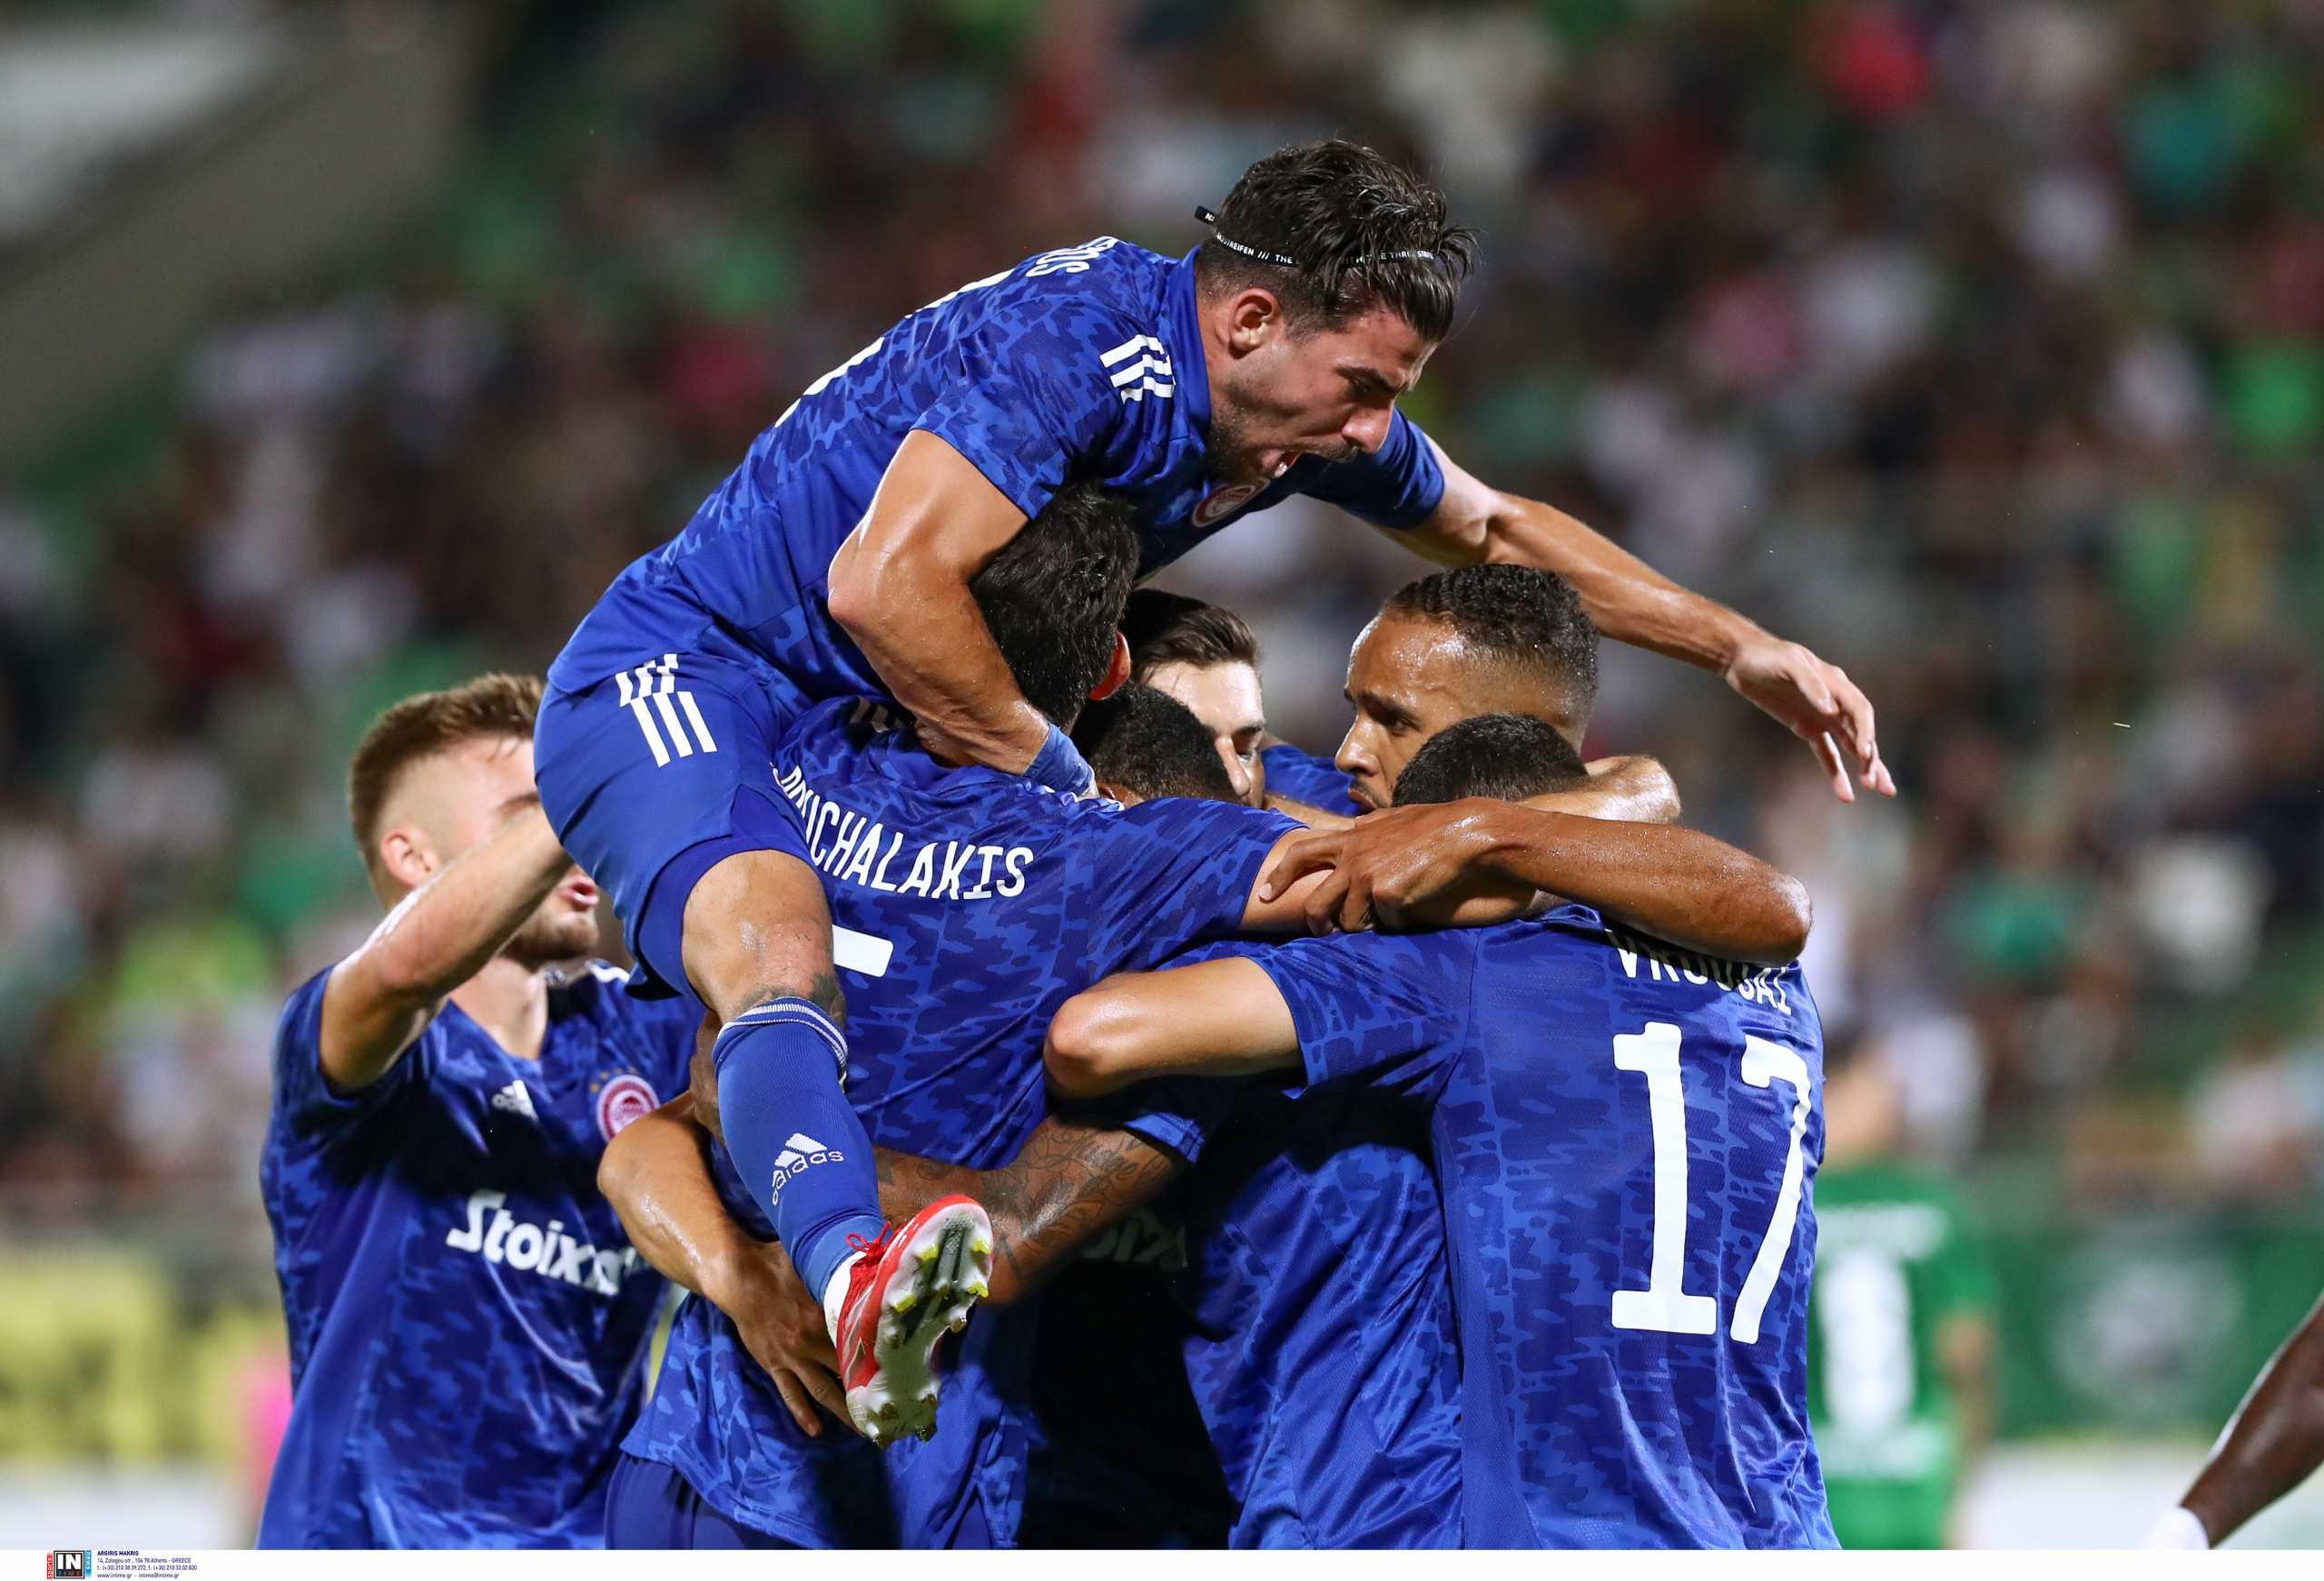 Ολυμπιακός: Πότε παίζει στο Europa League με την Σλόβαν Μπρατισλάβας